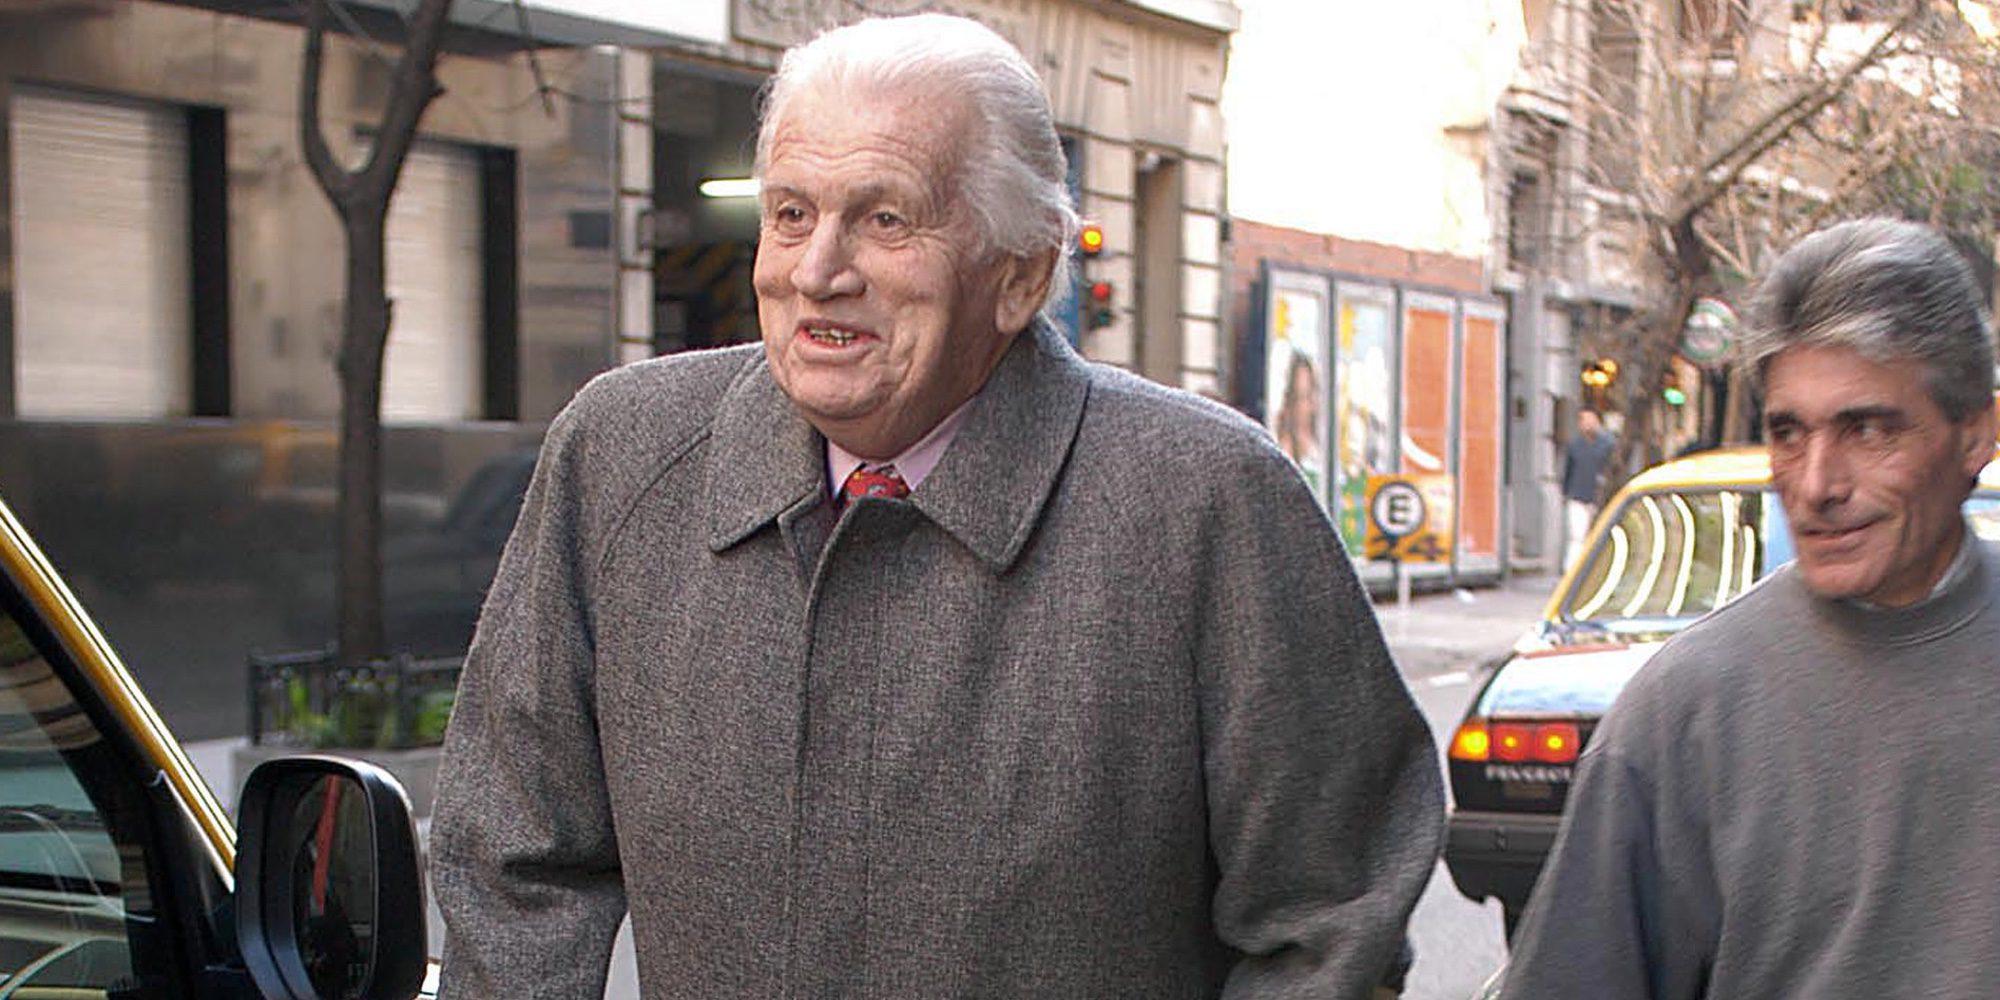 Muere a los 89 años Jorge Zorreguieta, padre de Máxima de Holanda